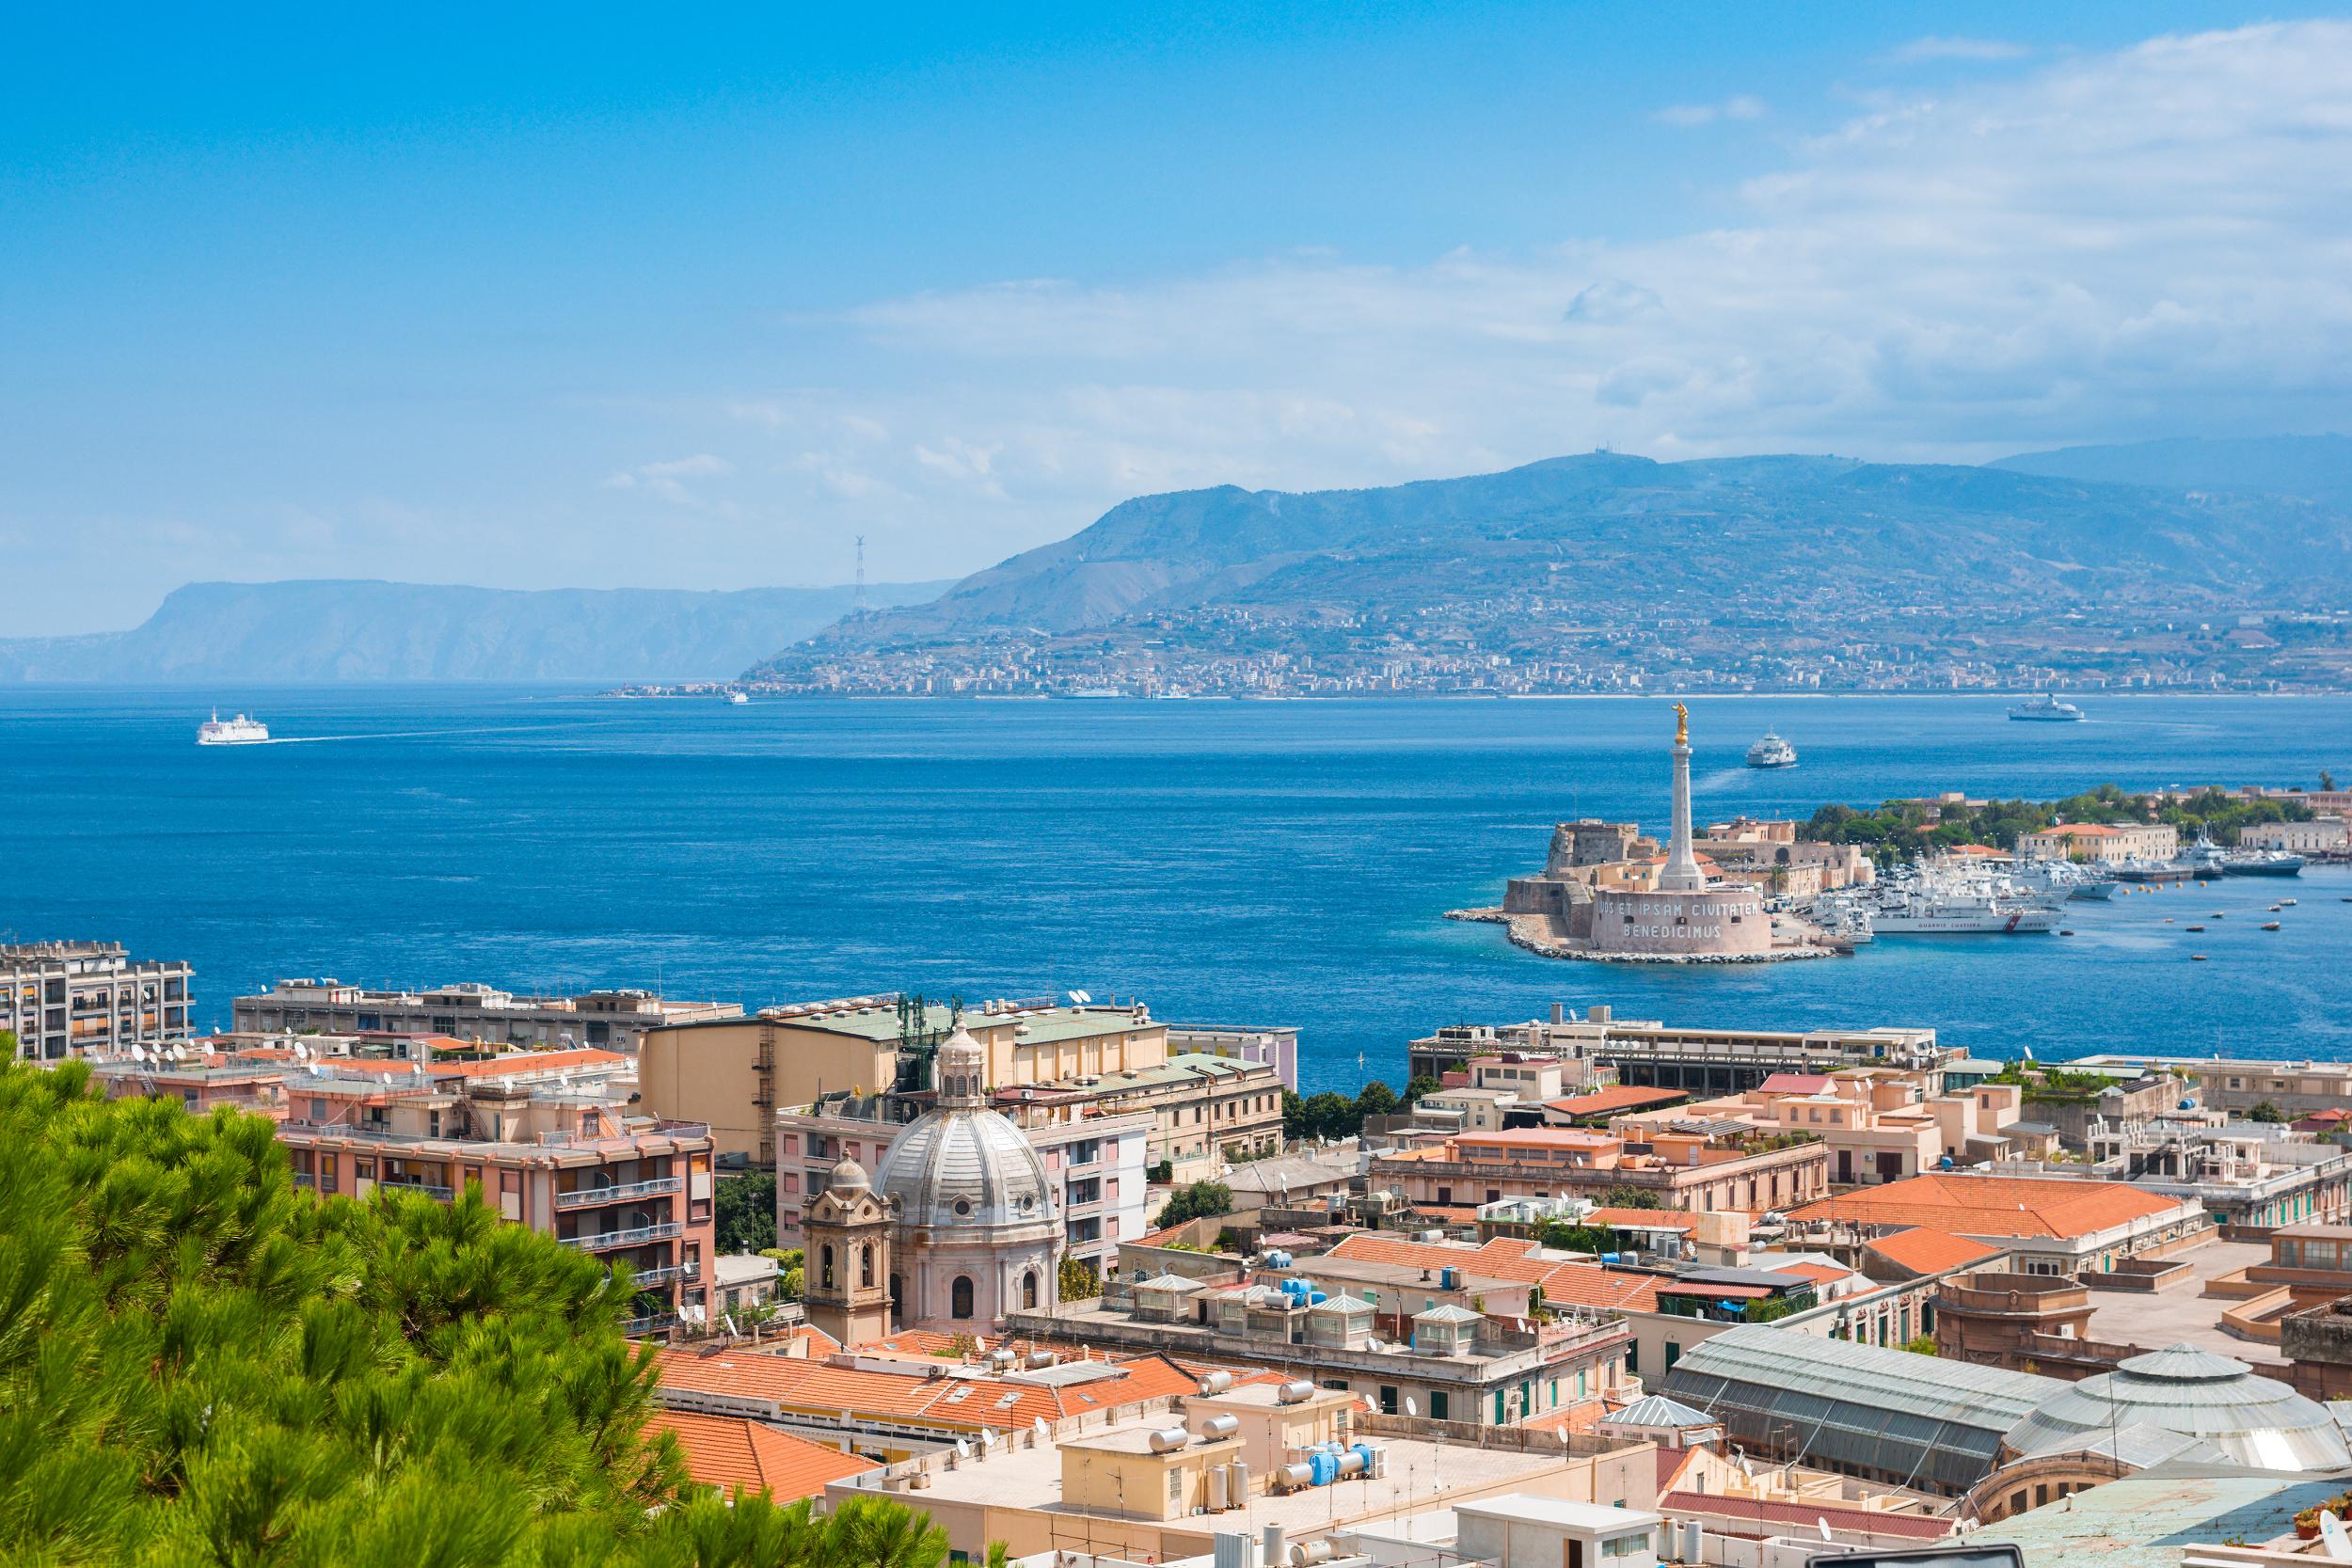 Cieśnina między Sycylią a Włochami, widok z Mesyny na Sycylii, licencja: shutterstock / By Gurgen Bakhshetyan